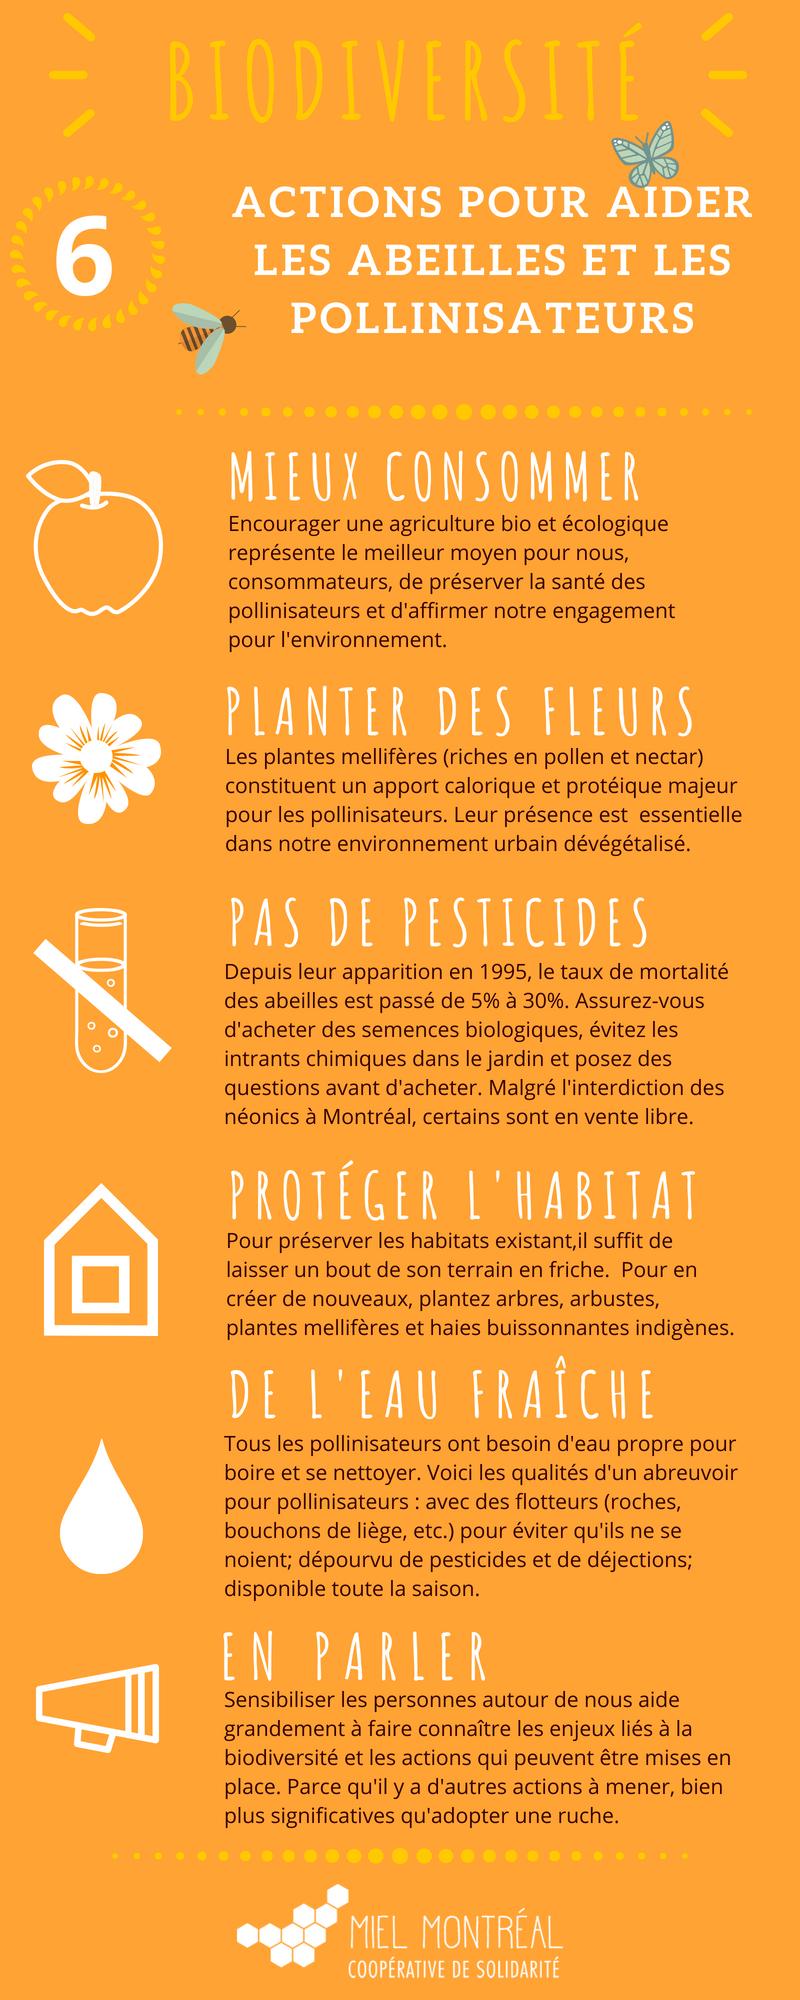 gestes pour aider les abeilles, 6 actions pour la biodiversité, comment lutter contre la disparition des abeilles, apiculture urbaine, biodiversité en ville